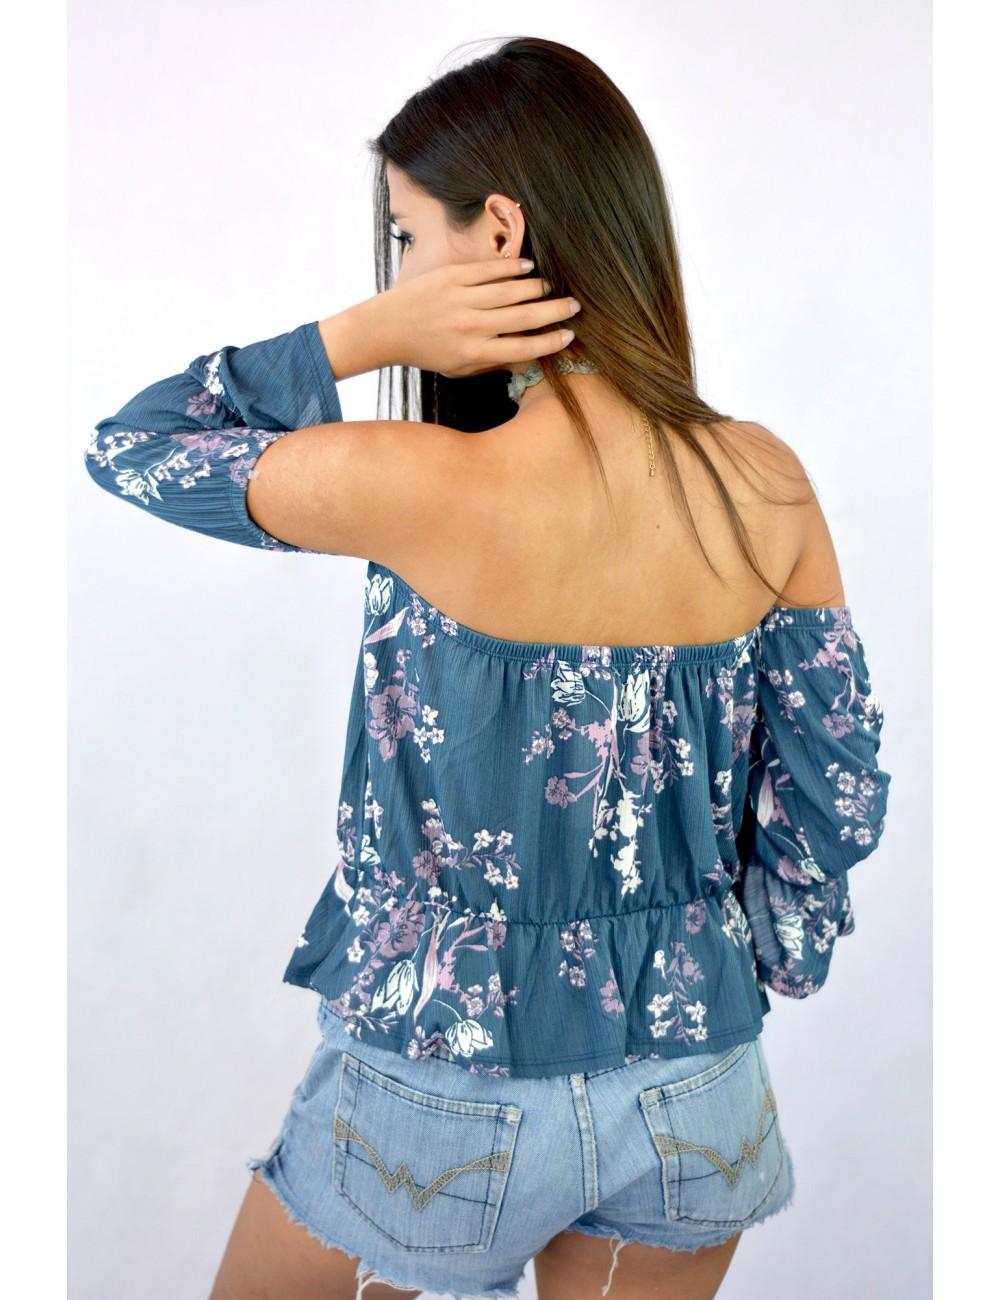 Blusa hombros descubiertos manga campana 3/4 con estampado flores